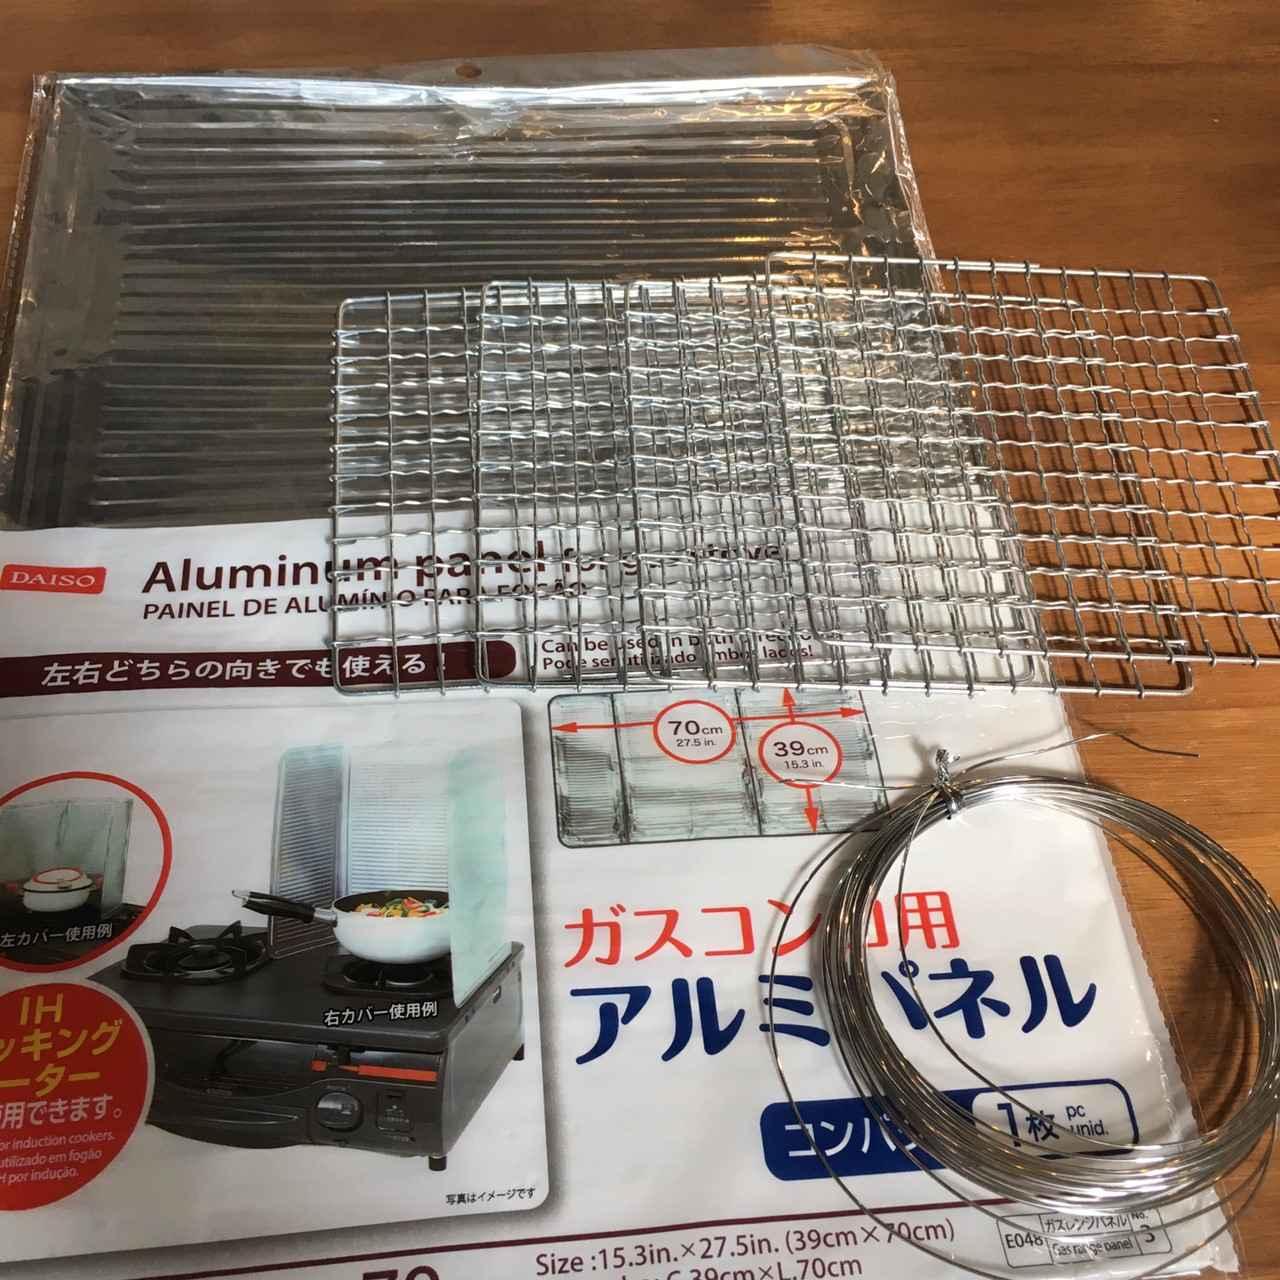 画像1: 筆者撮影 hamada-ayano.com